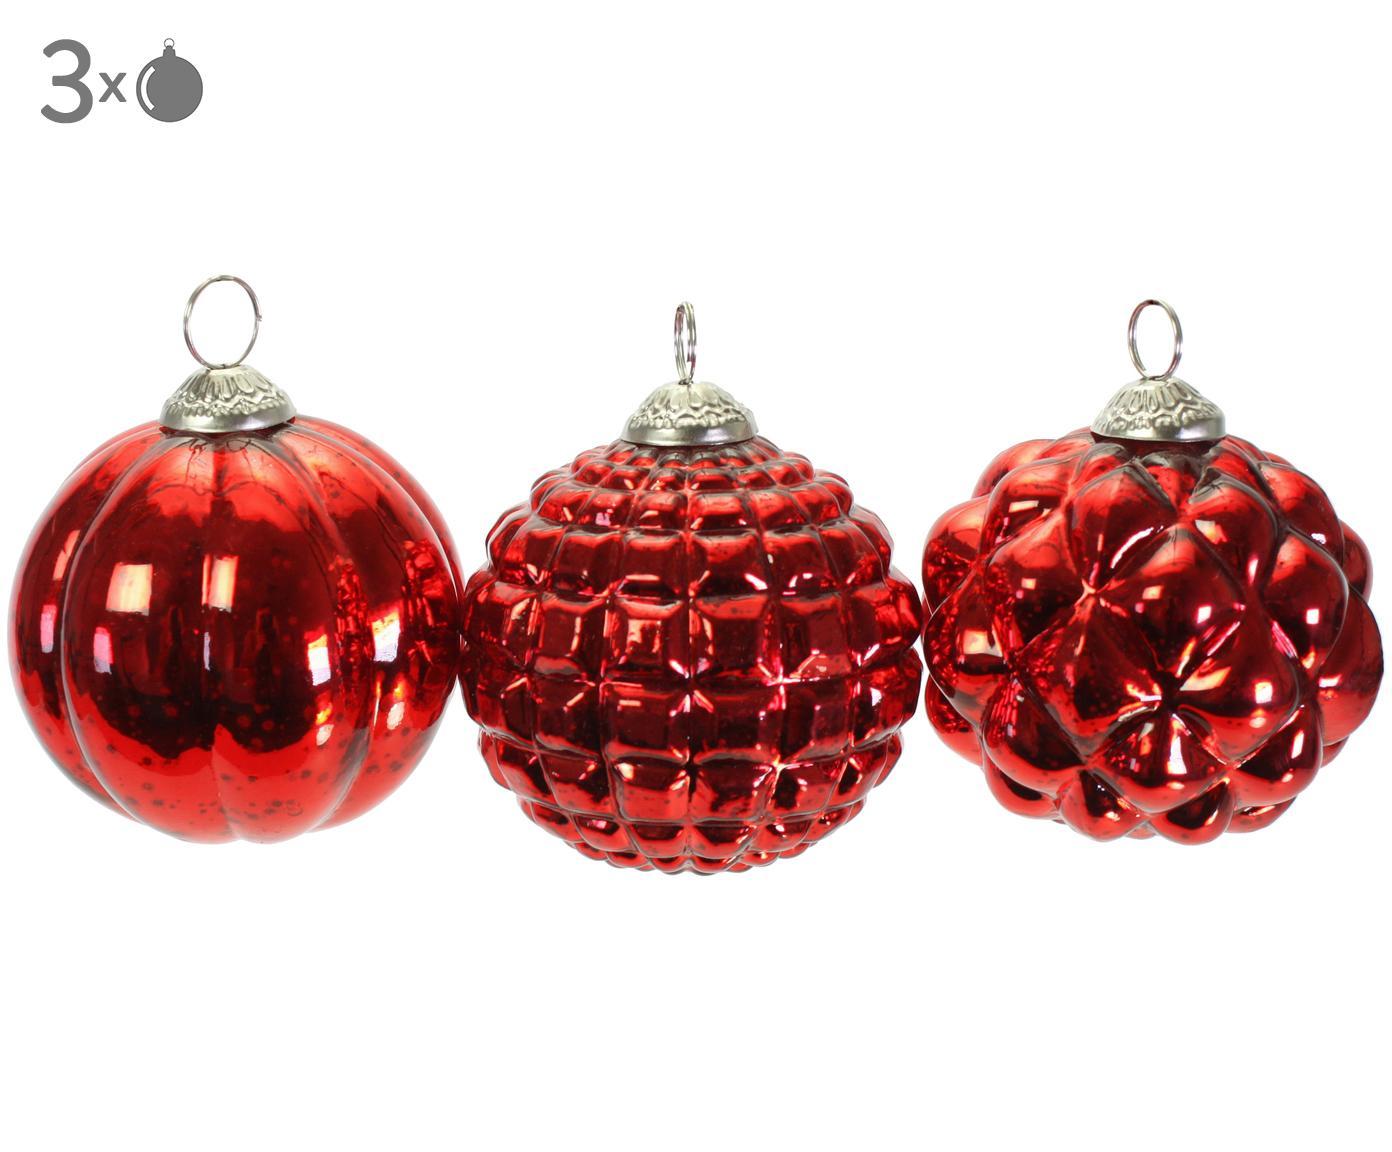 Kerstballenset Red Variety, 3-delig, Gelakt glas, Rood, Ø 10 cm